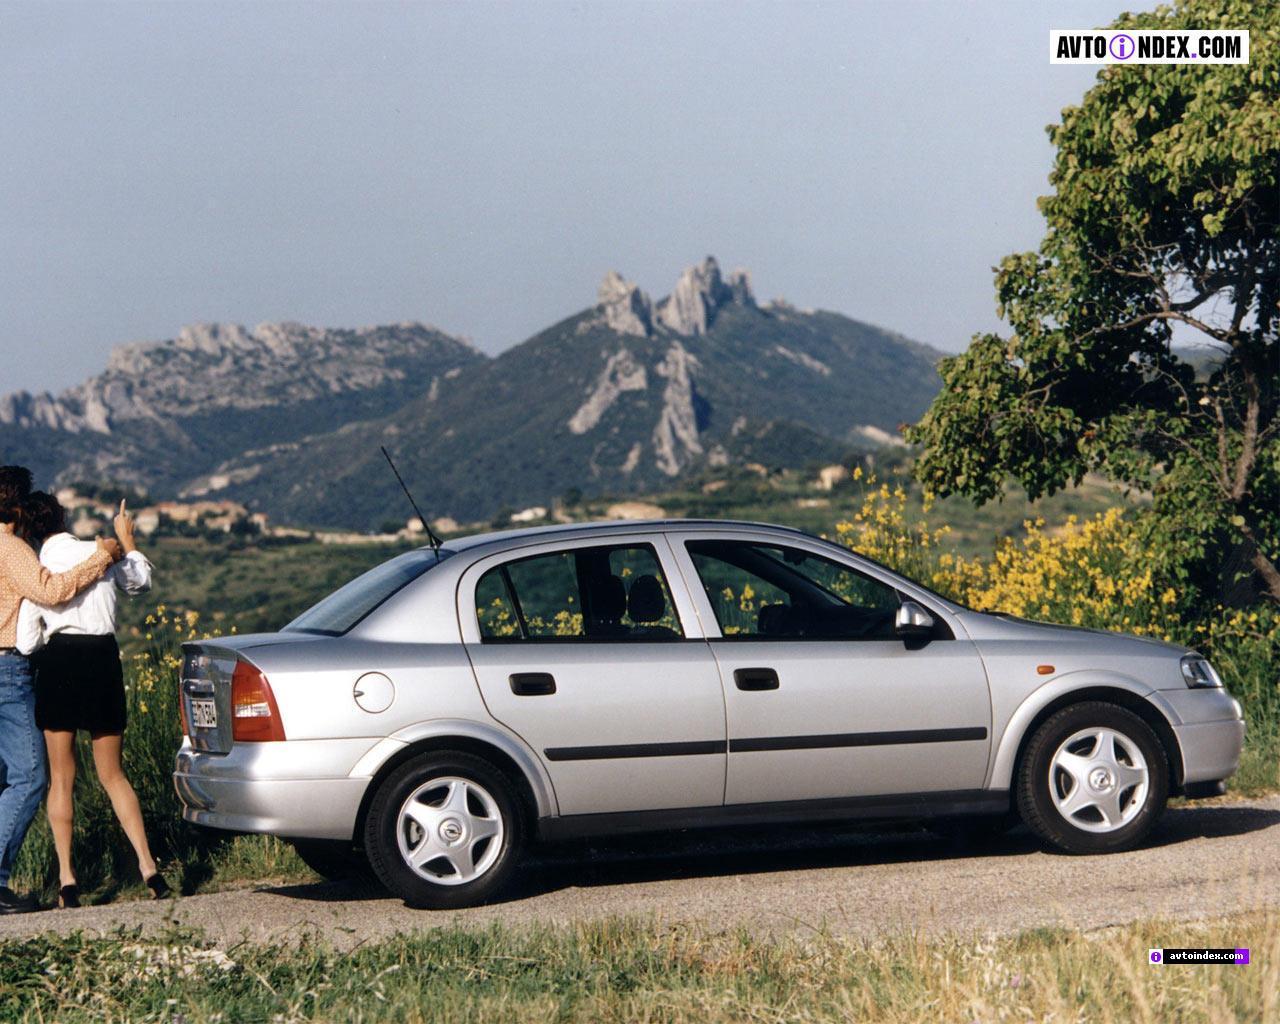 Снимки: Opel Astra G